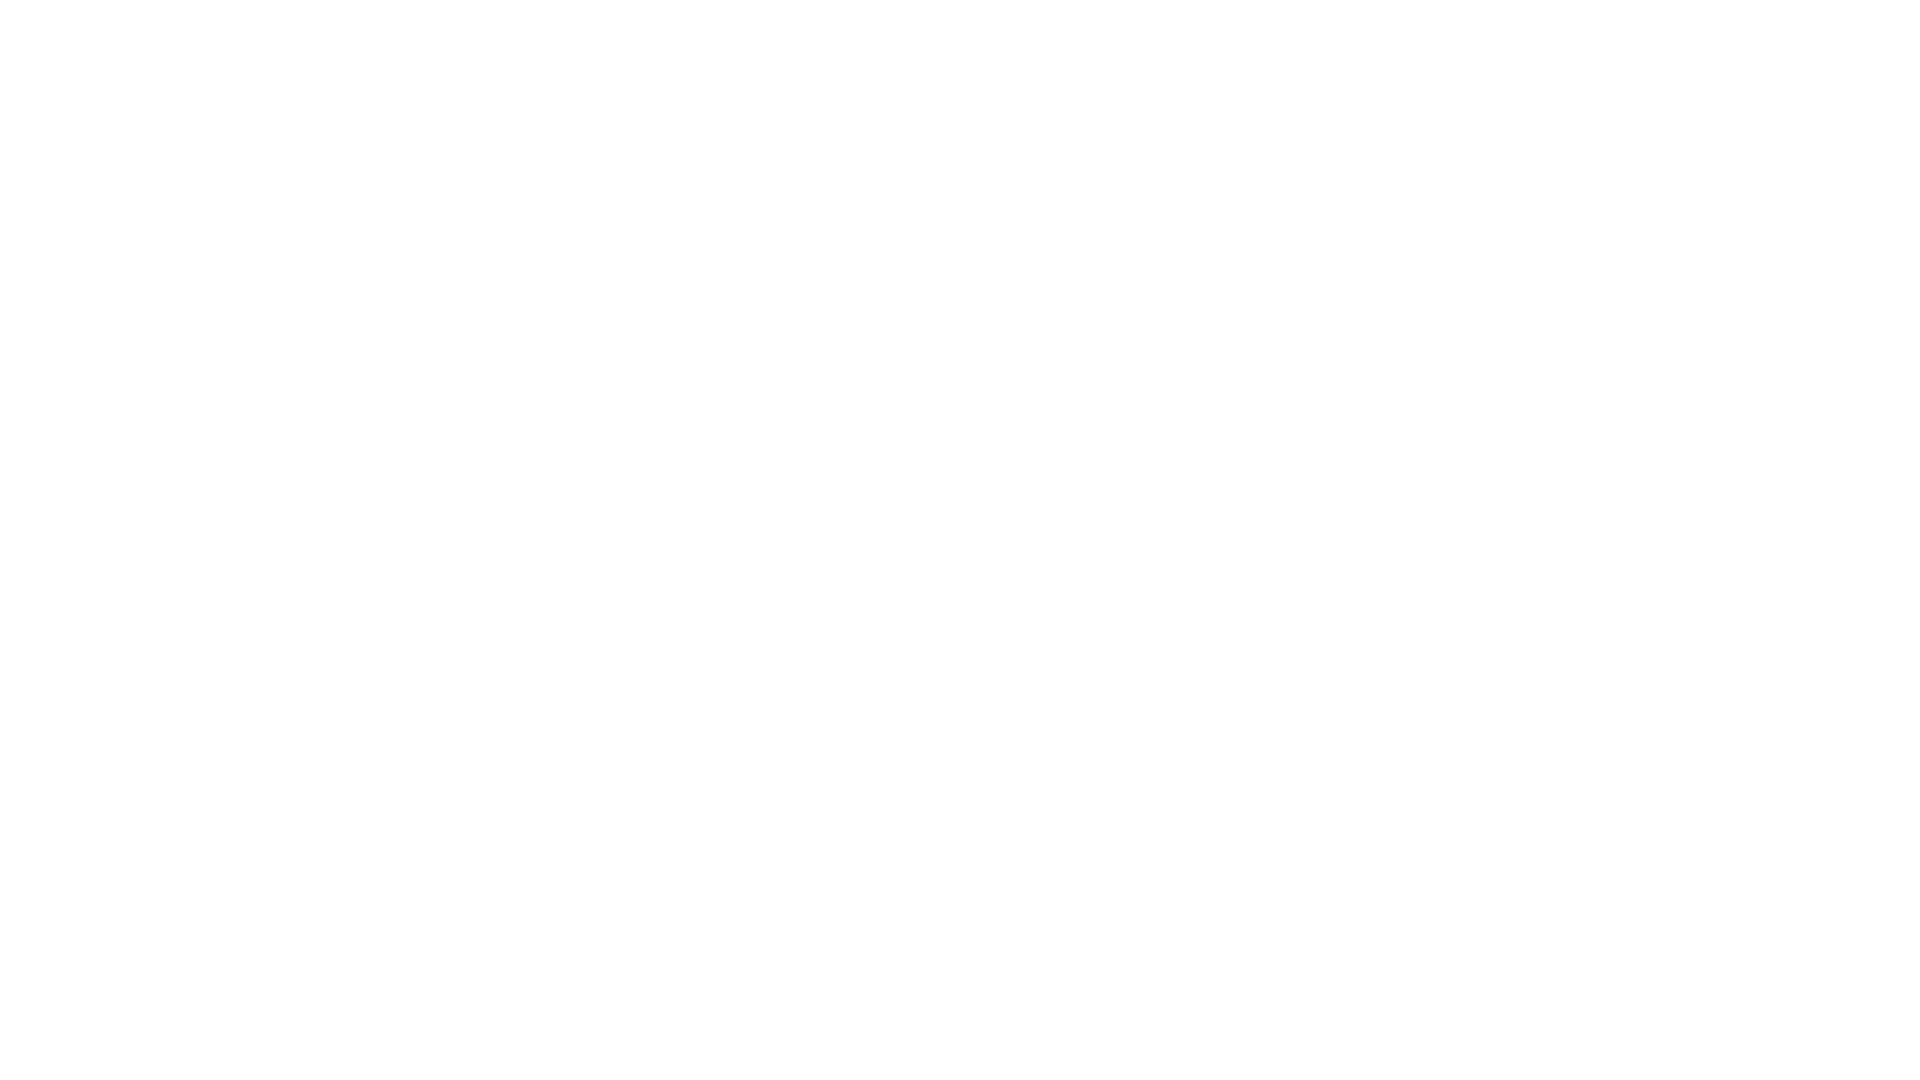 Lomusa. Maquinaria para el plegado y deformación de metalesLomusa. Maquinaria para el plegado y deformación de metales